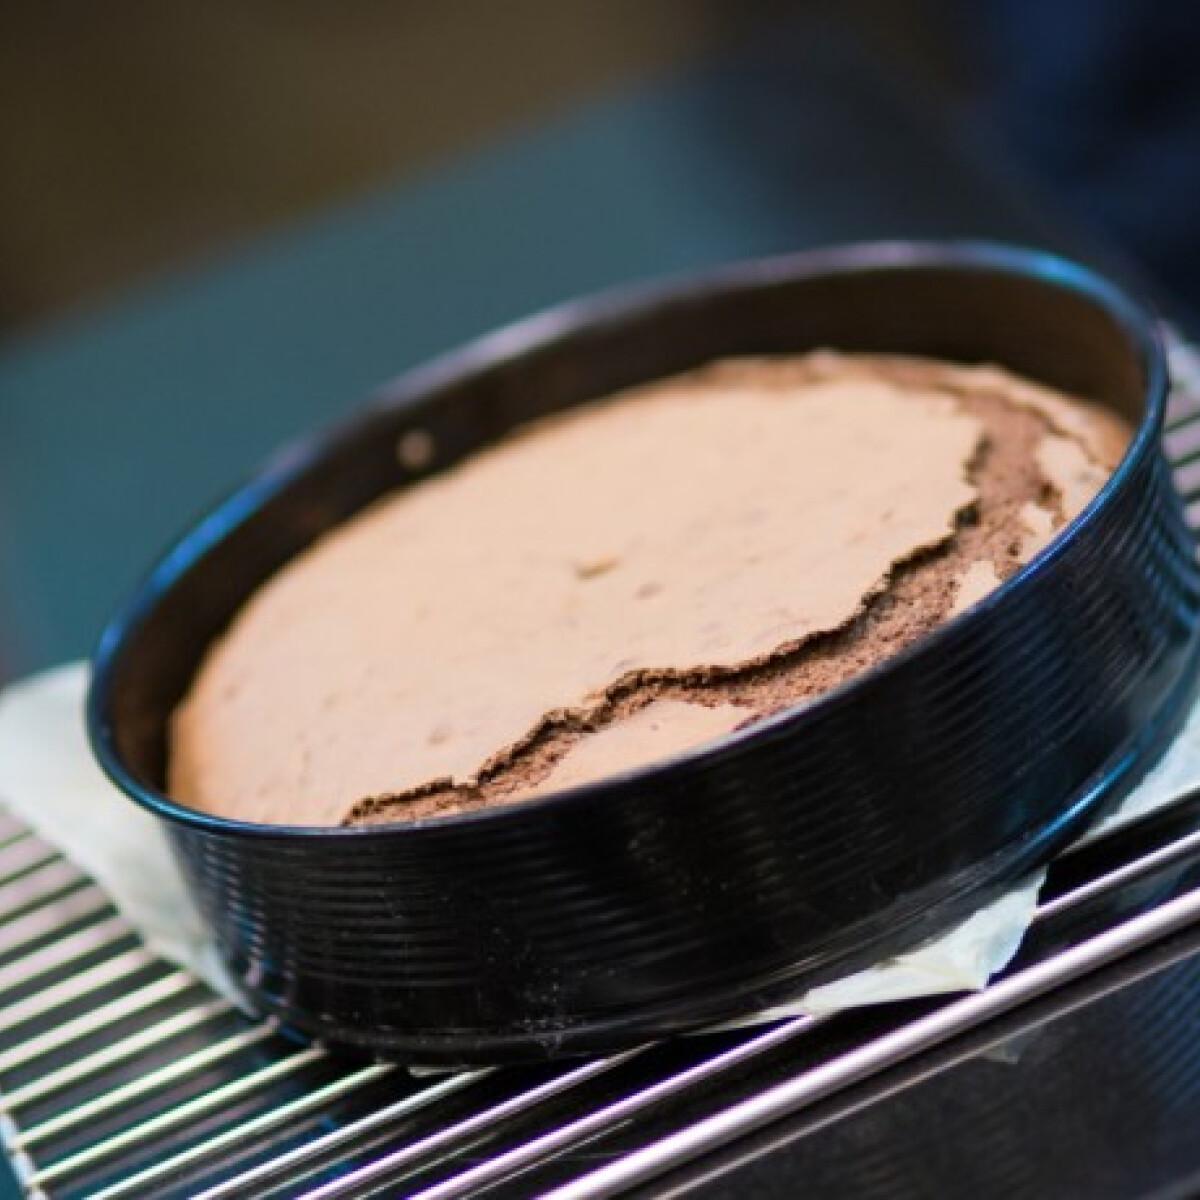 Ezen a képen: Lisztmentes csokoládétorta Bereznay Tamástól